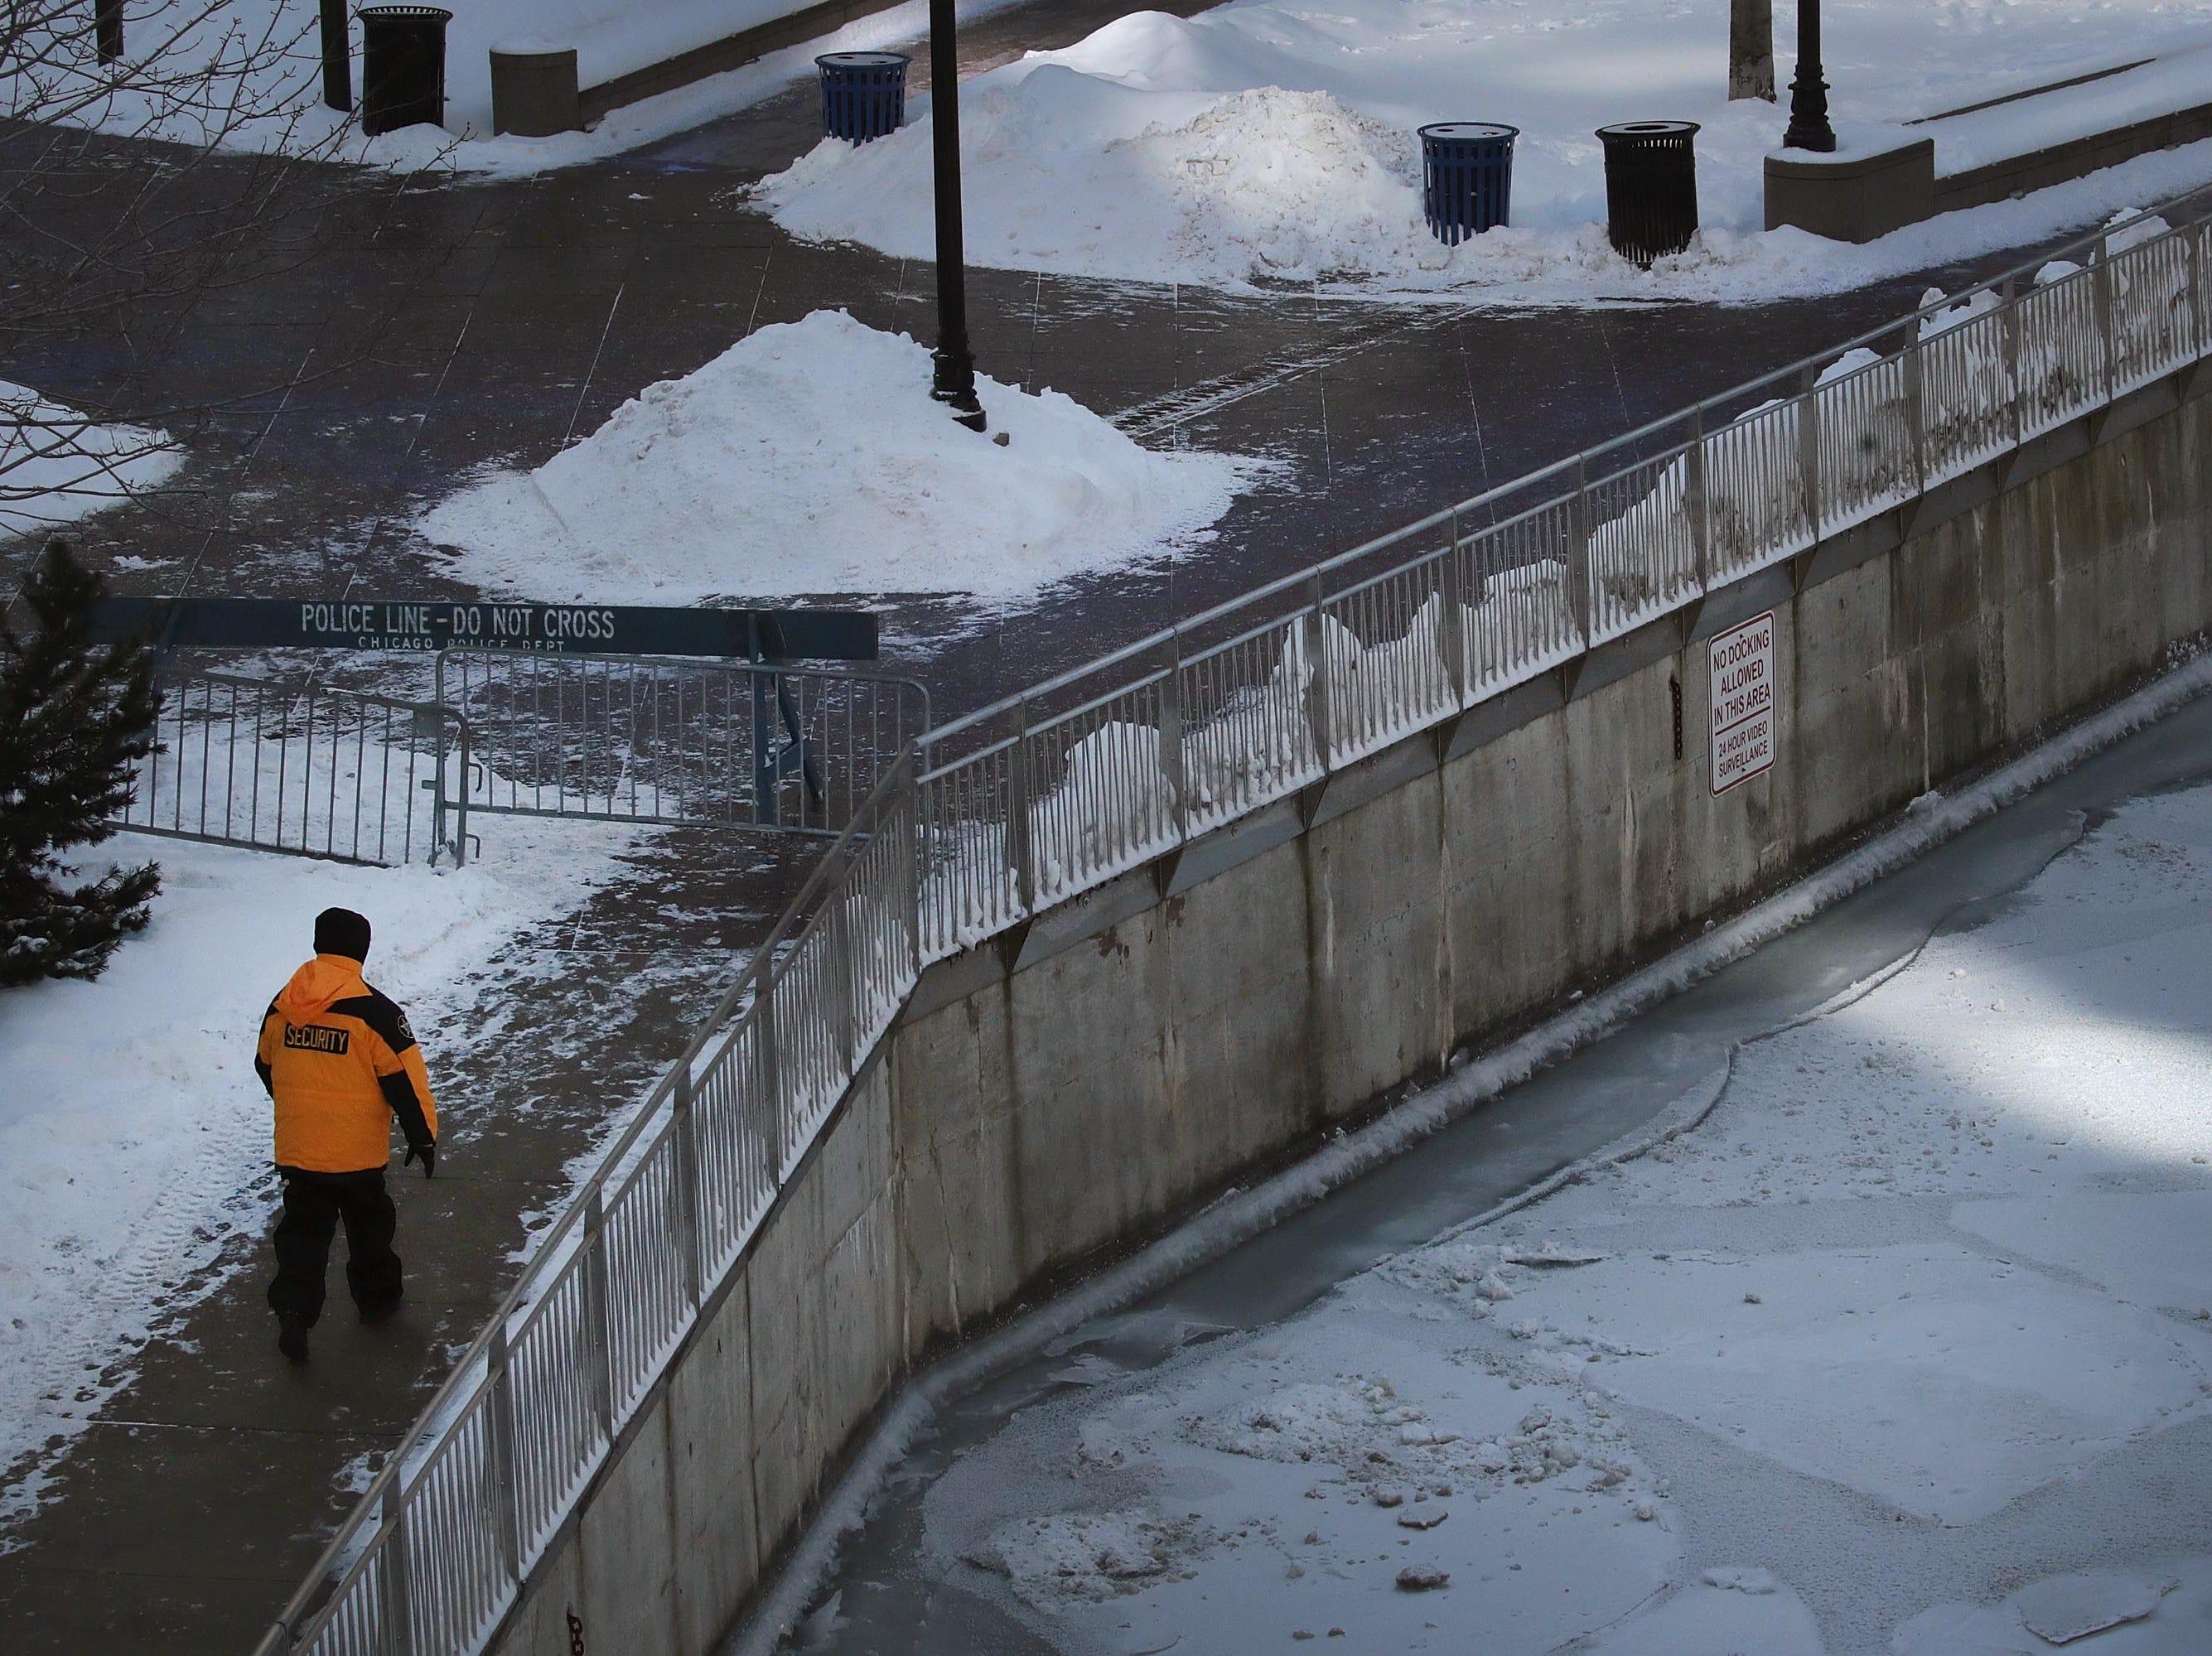 Un guardia de seguridad camina a lo largo del río Chicago congelado el 30 de enero de 2019 en Chicago, Illinois.